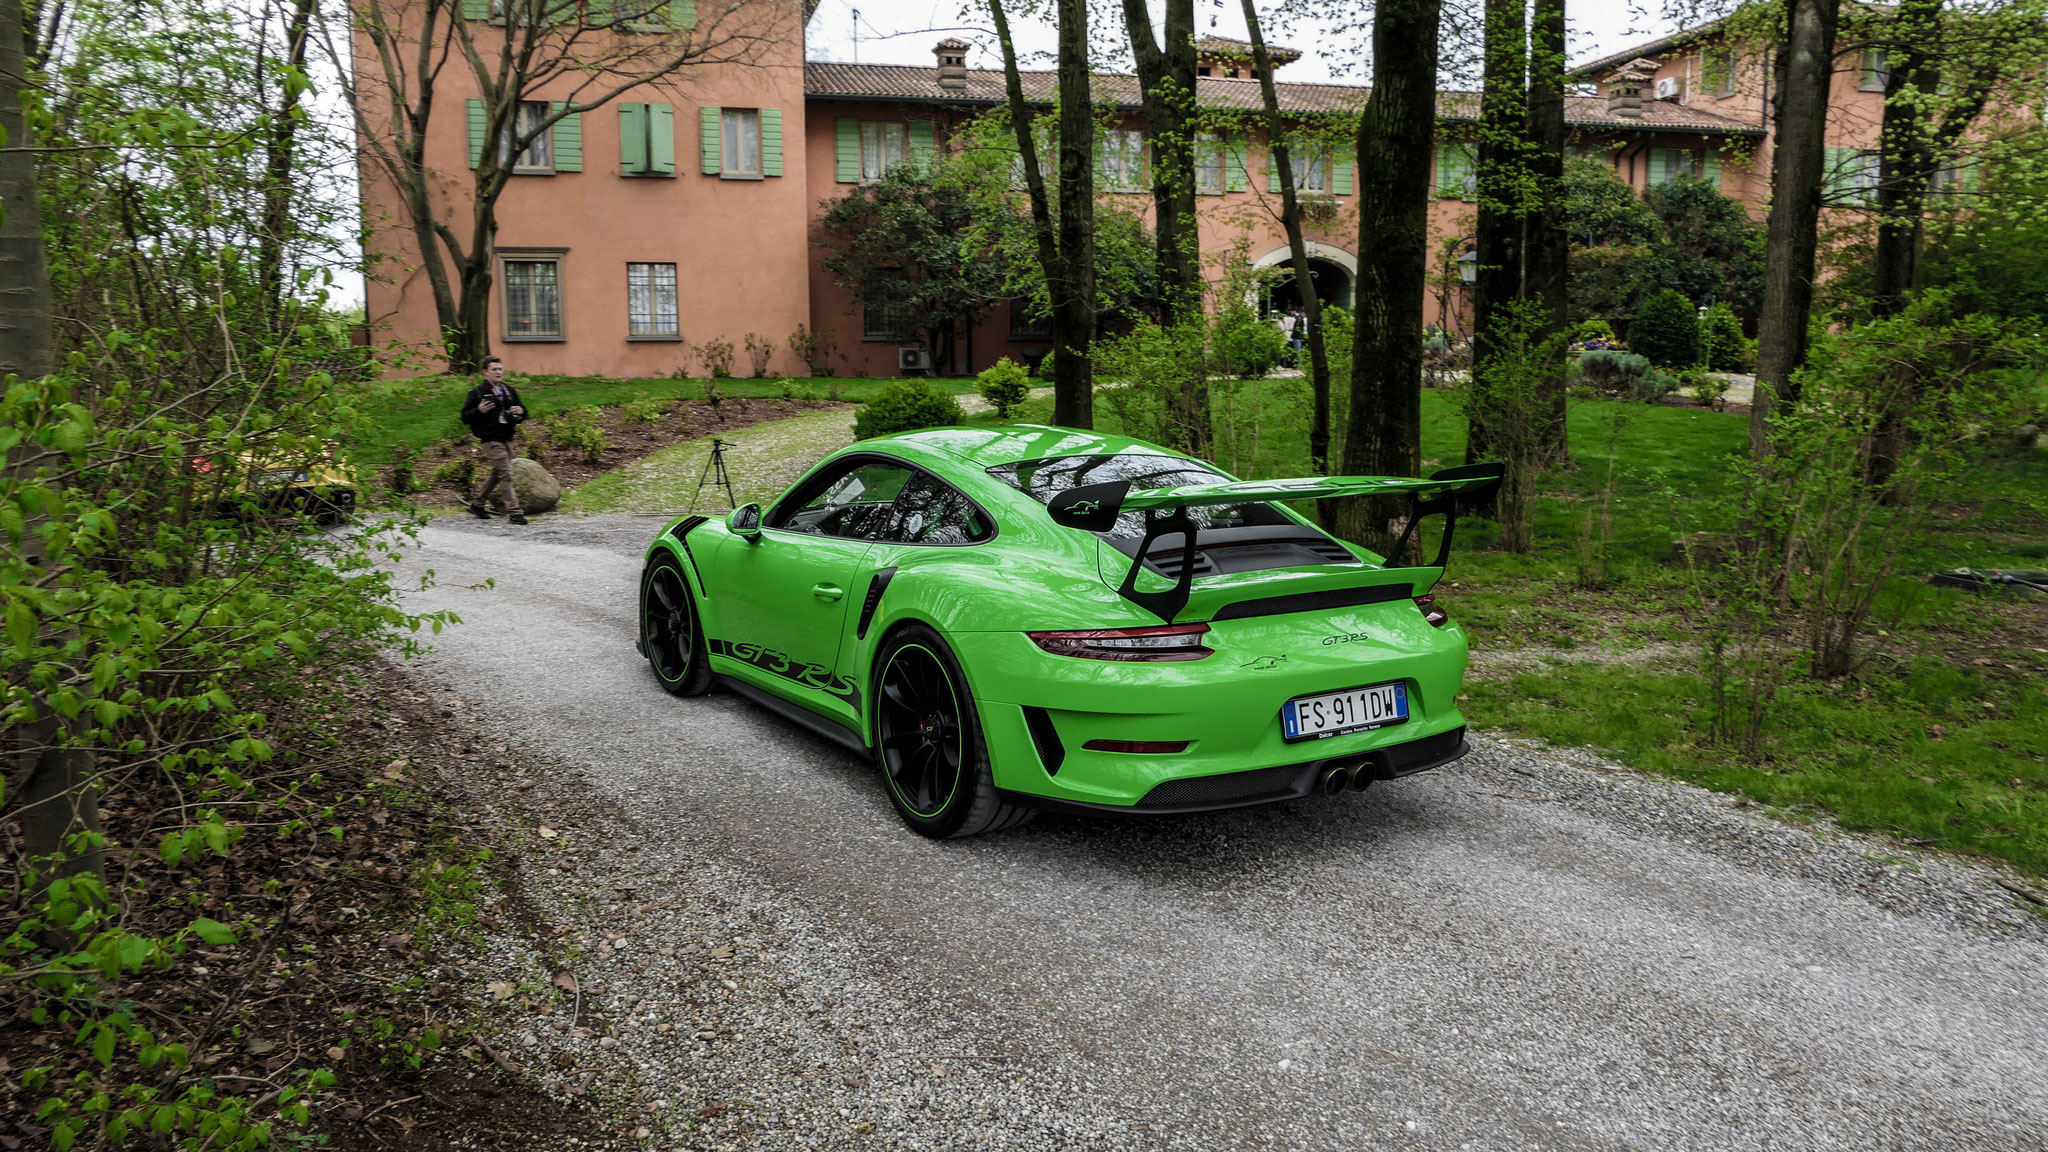 Porsche 911 991.2 GT3 RS - FS-911-DW (ITA)